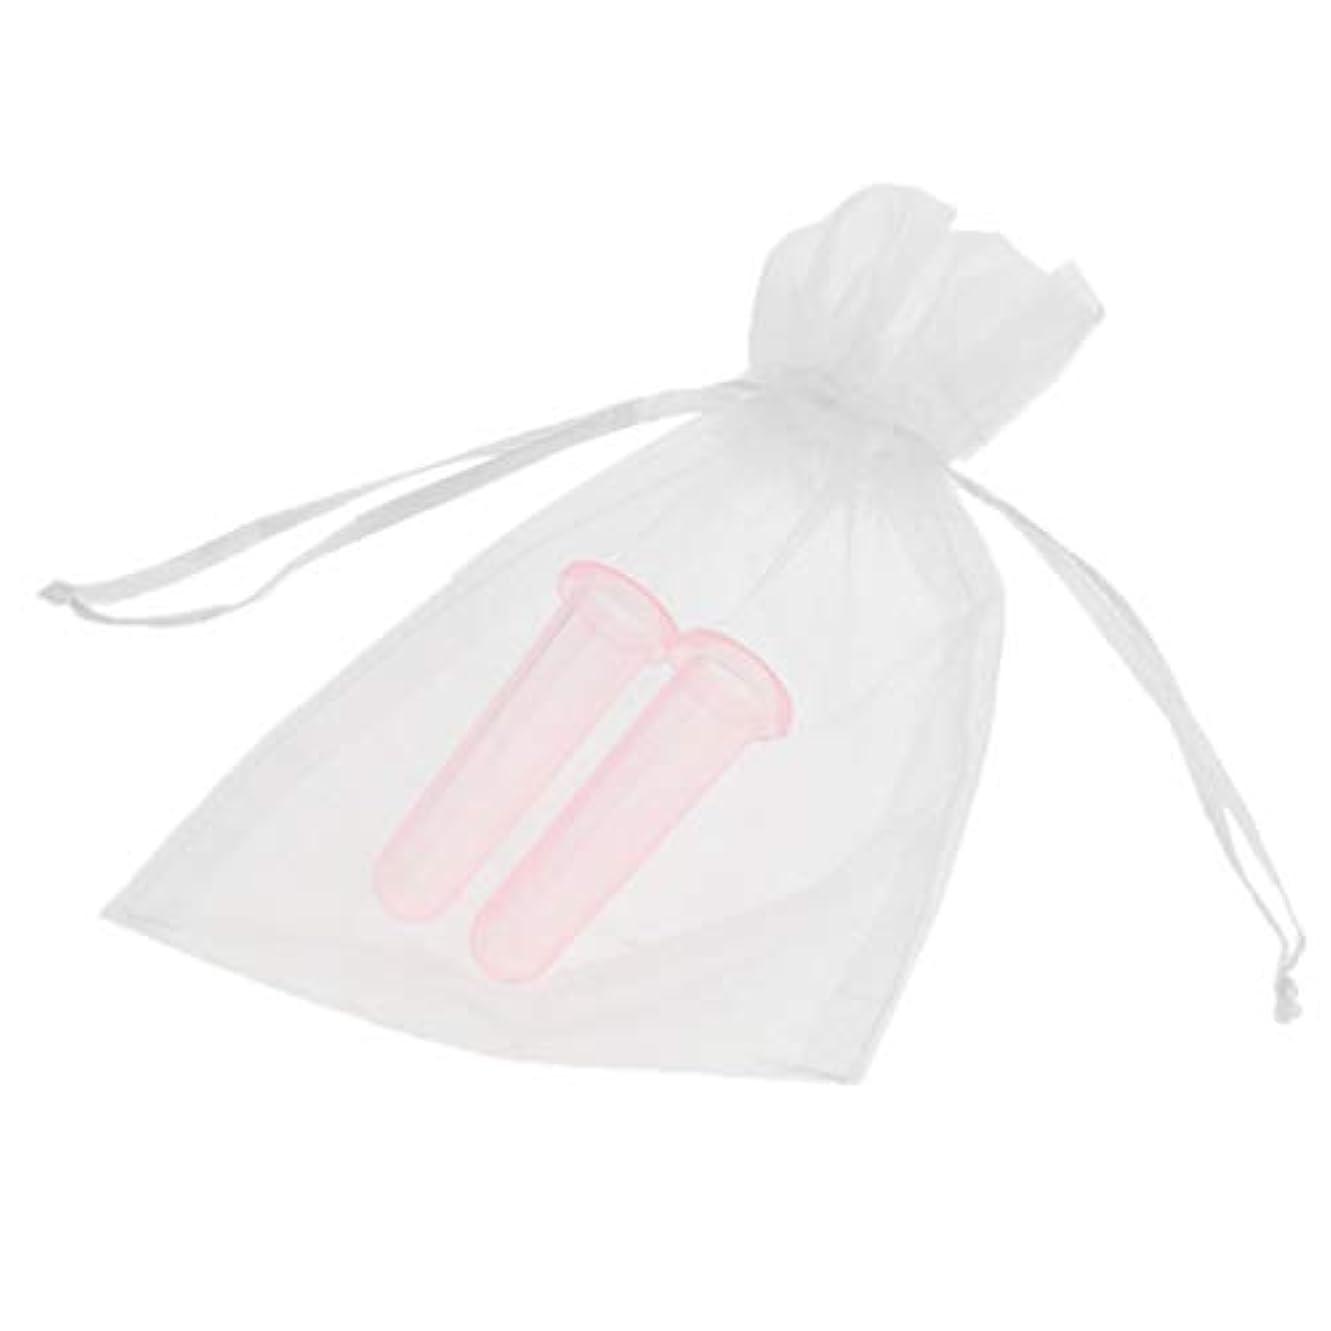 B Blesiya シリコーン製 真空 顔用マッサージ カッピング 吸い玉カップ カッピング 収納ポーチ付き 2個 全2色 - ピンク